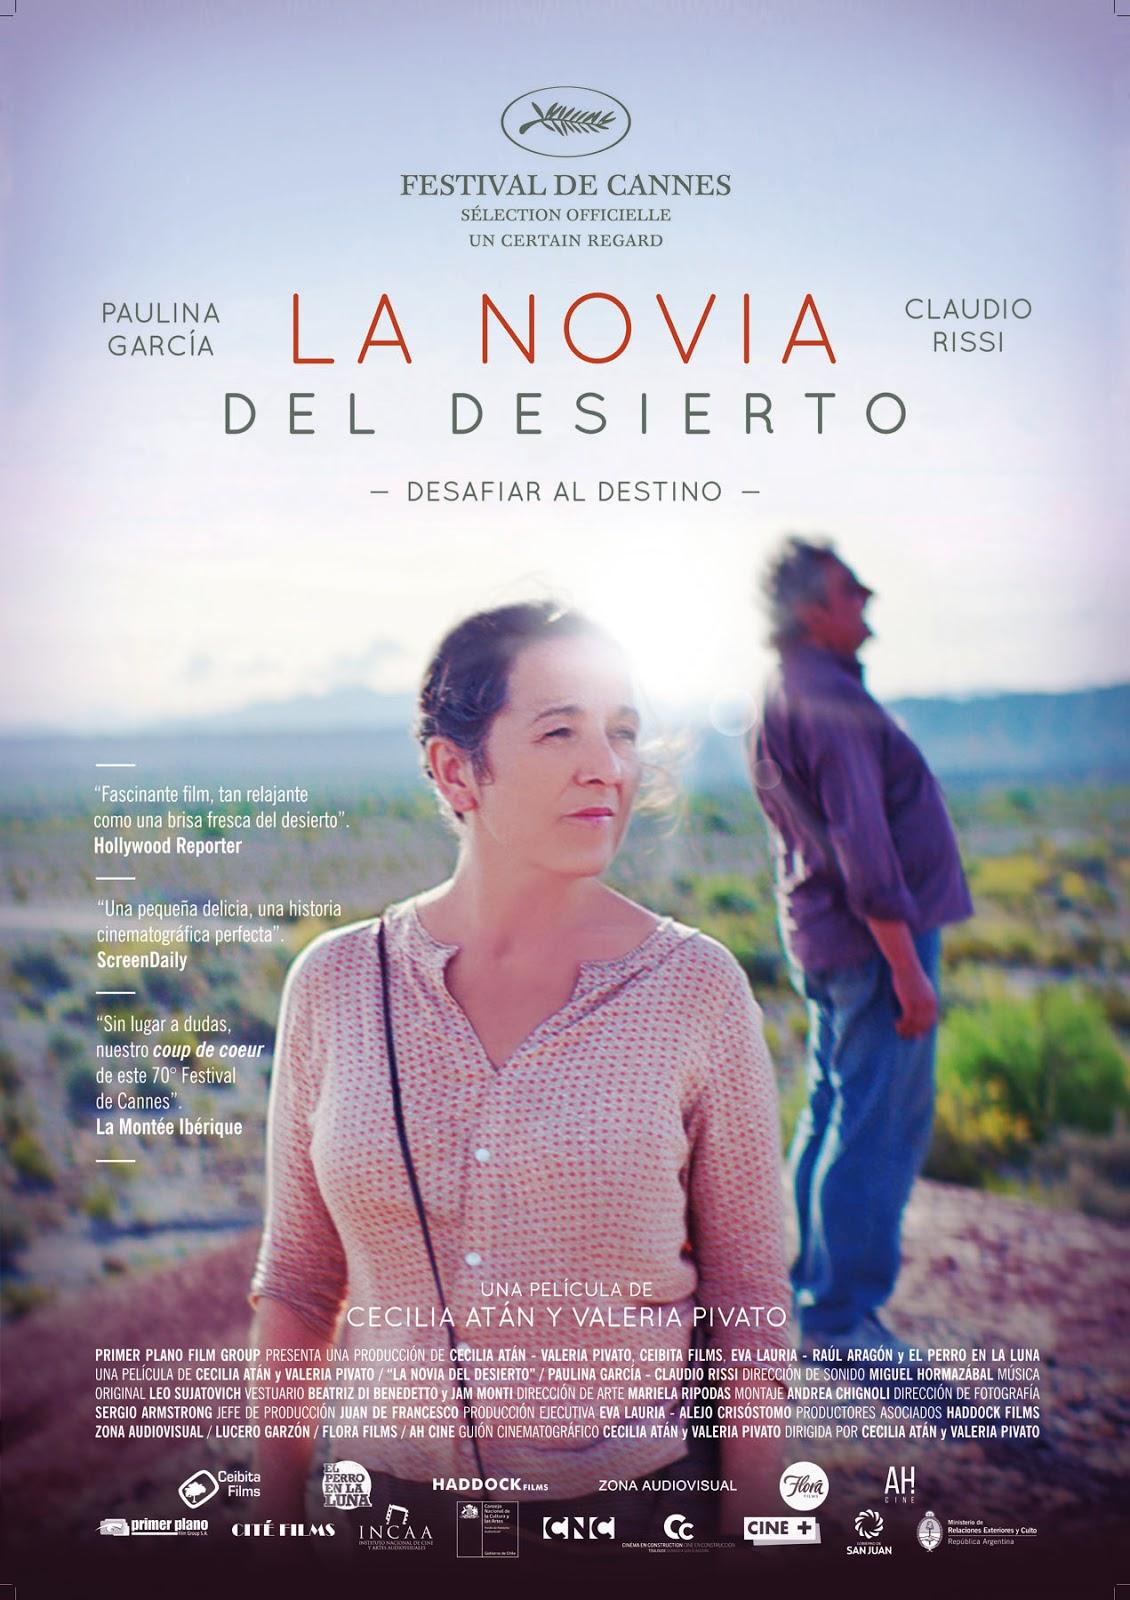 Ver La novia del desierto Online (2017) Gratis HD Pelicula Argentina Completa